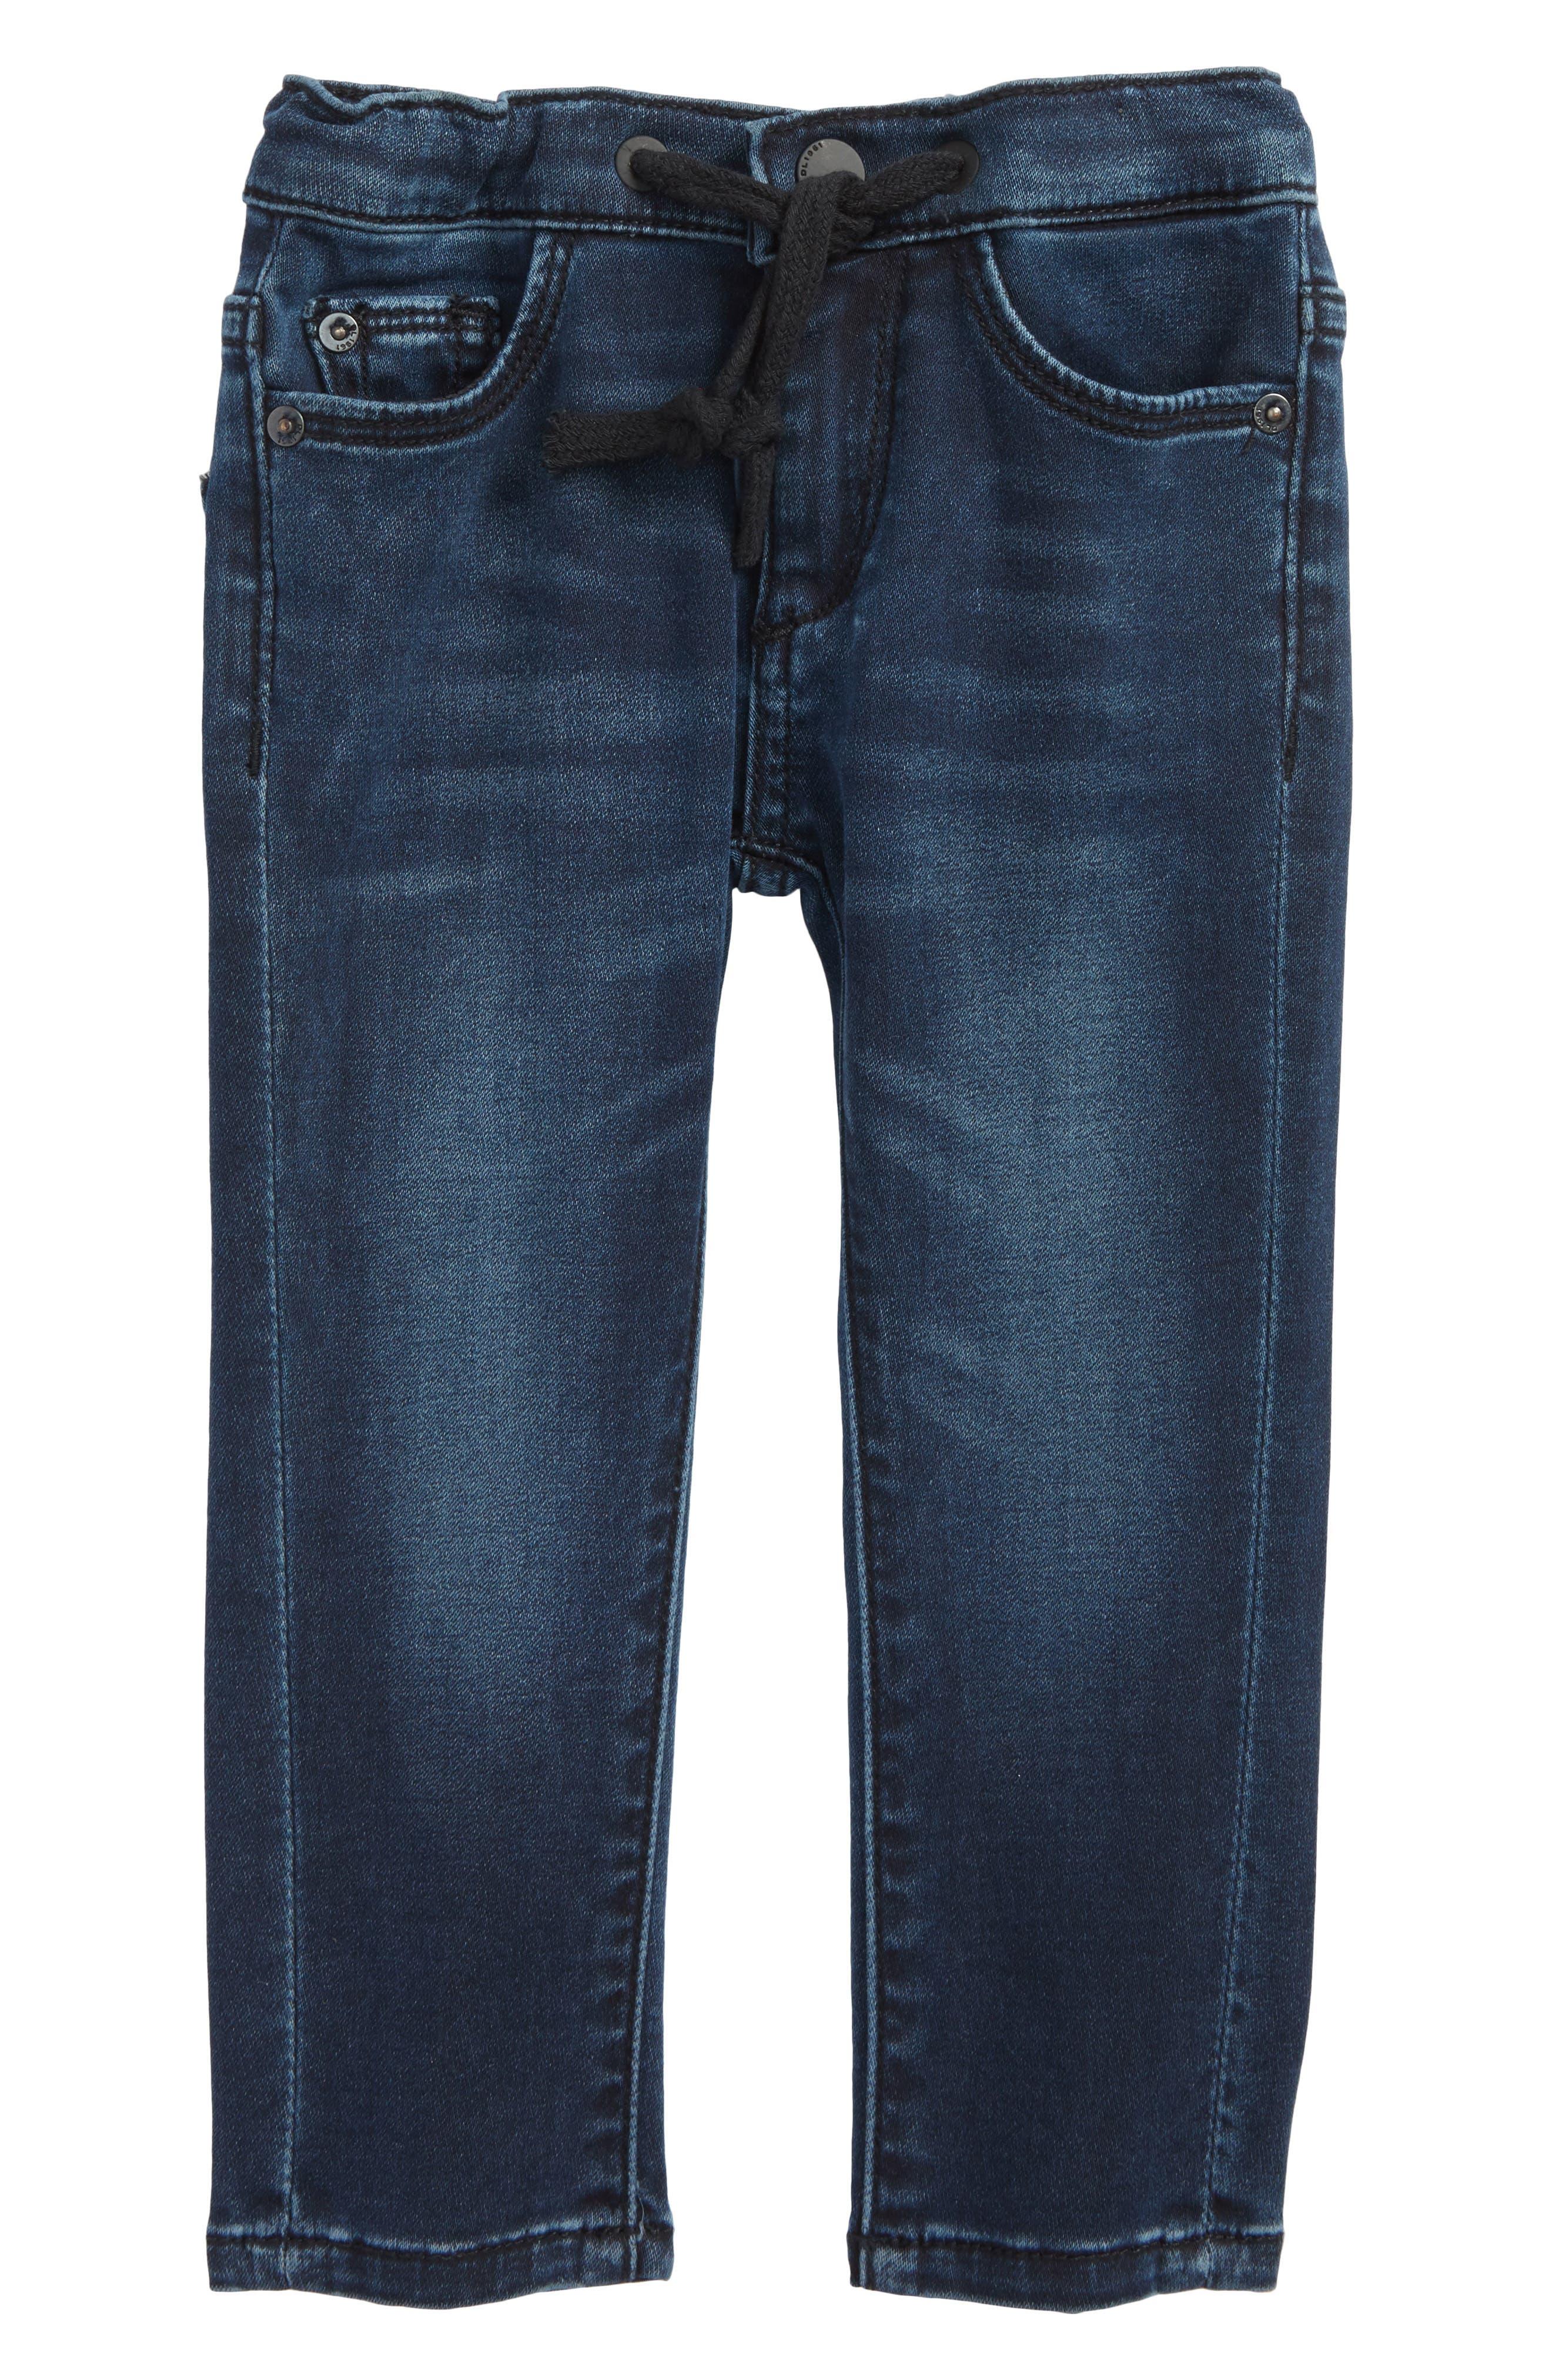 DL1961 Eddy Slim Fit Jeans (Baby Boys)